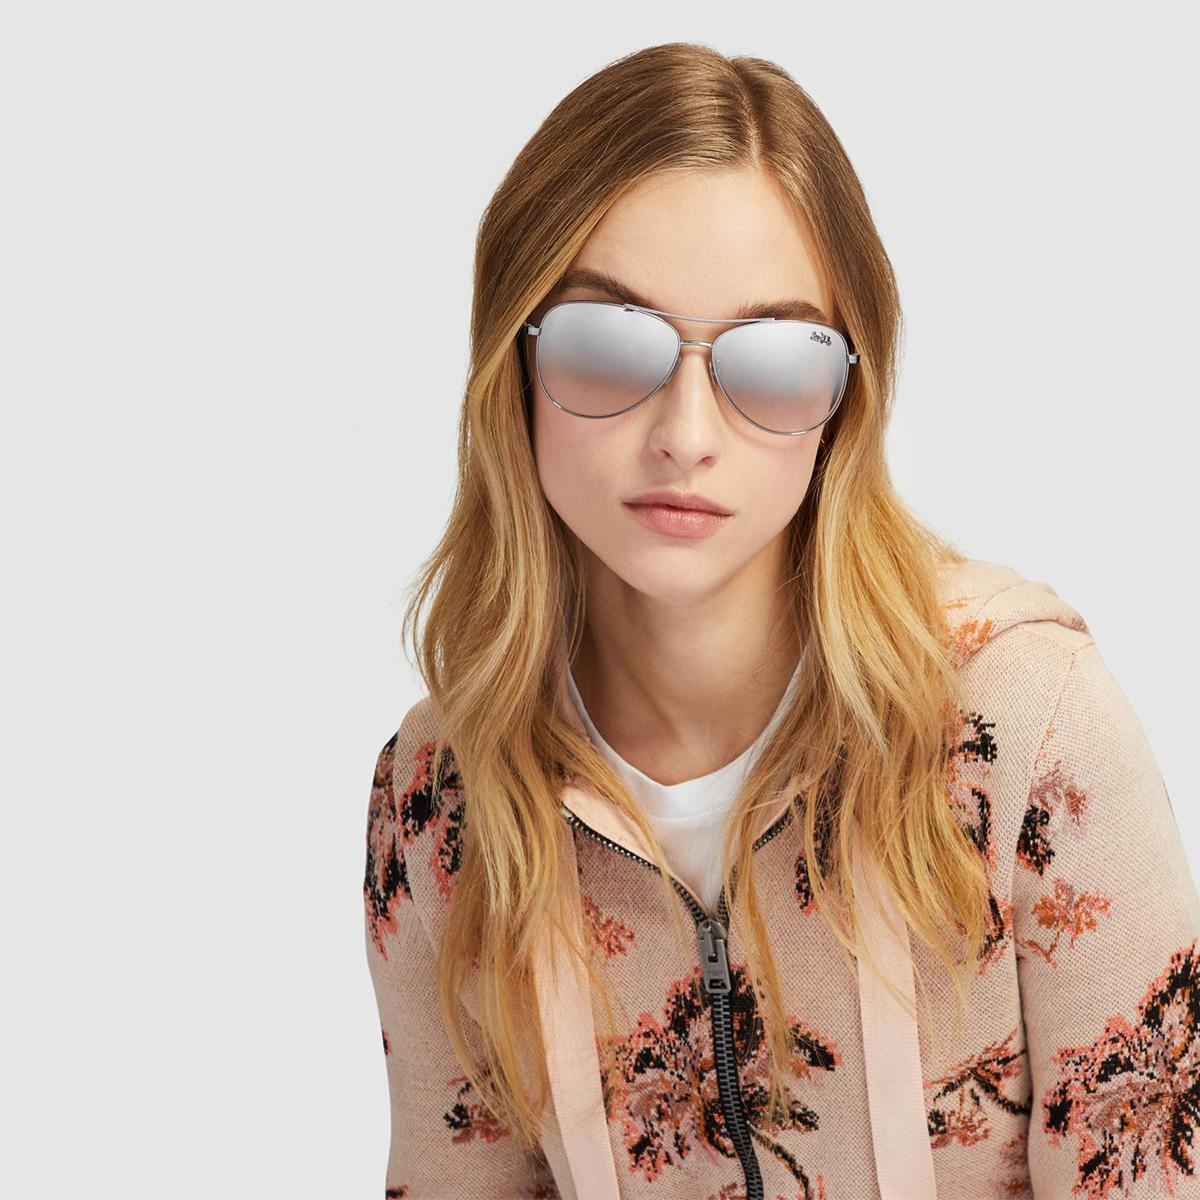 COACH 女士经典潮流时尚新款飞行毡太阳眼镜墨镜  蔻驰